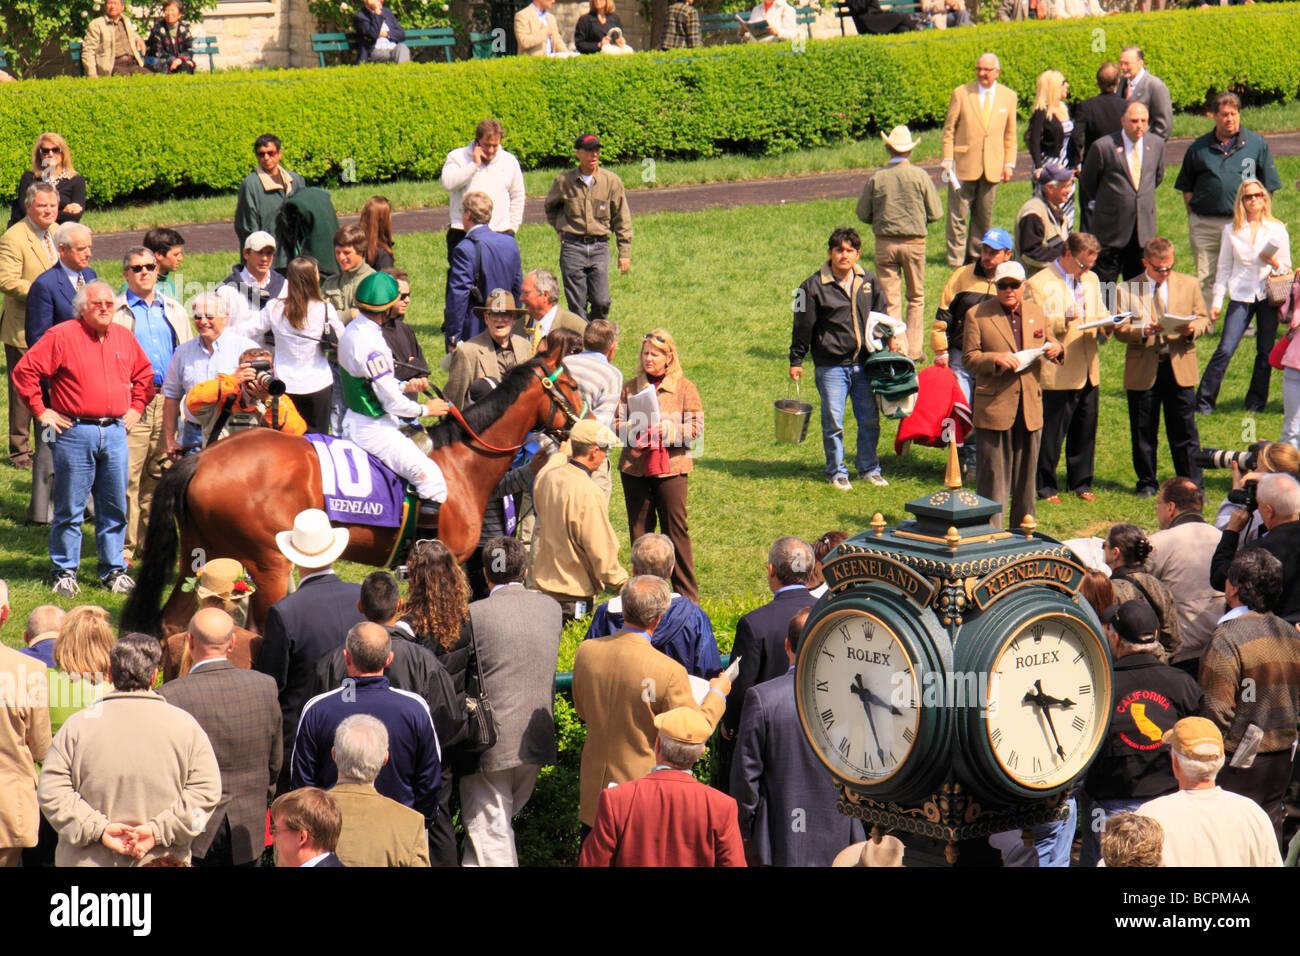 Spectators watch jockeys mount up in the paddock before a race Keeneland Race Course Lexington Kentucky - Stock Image